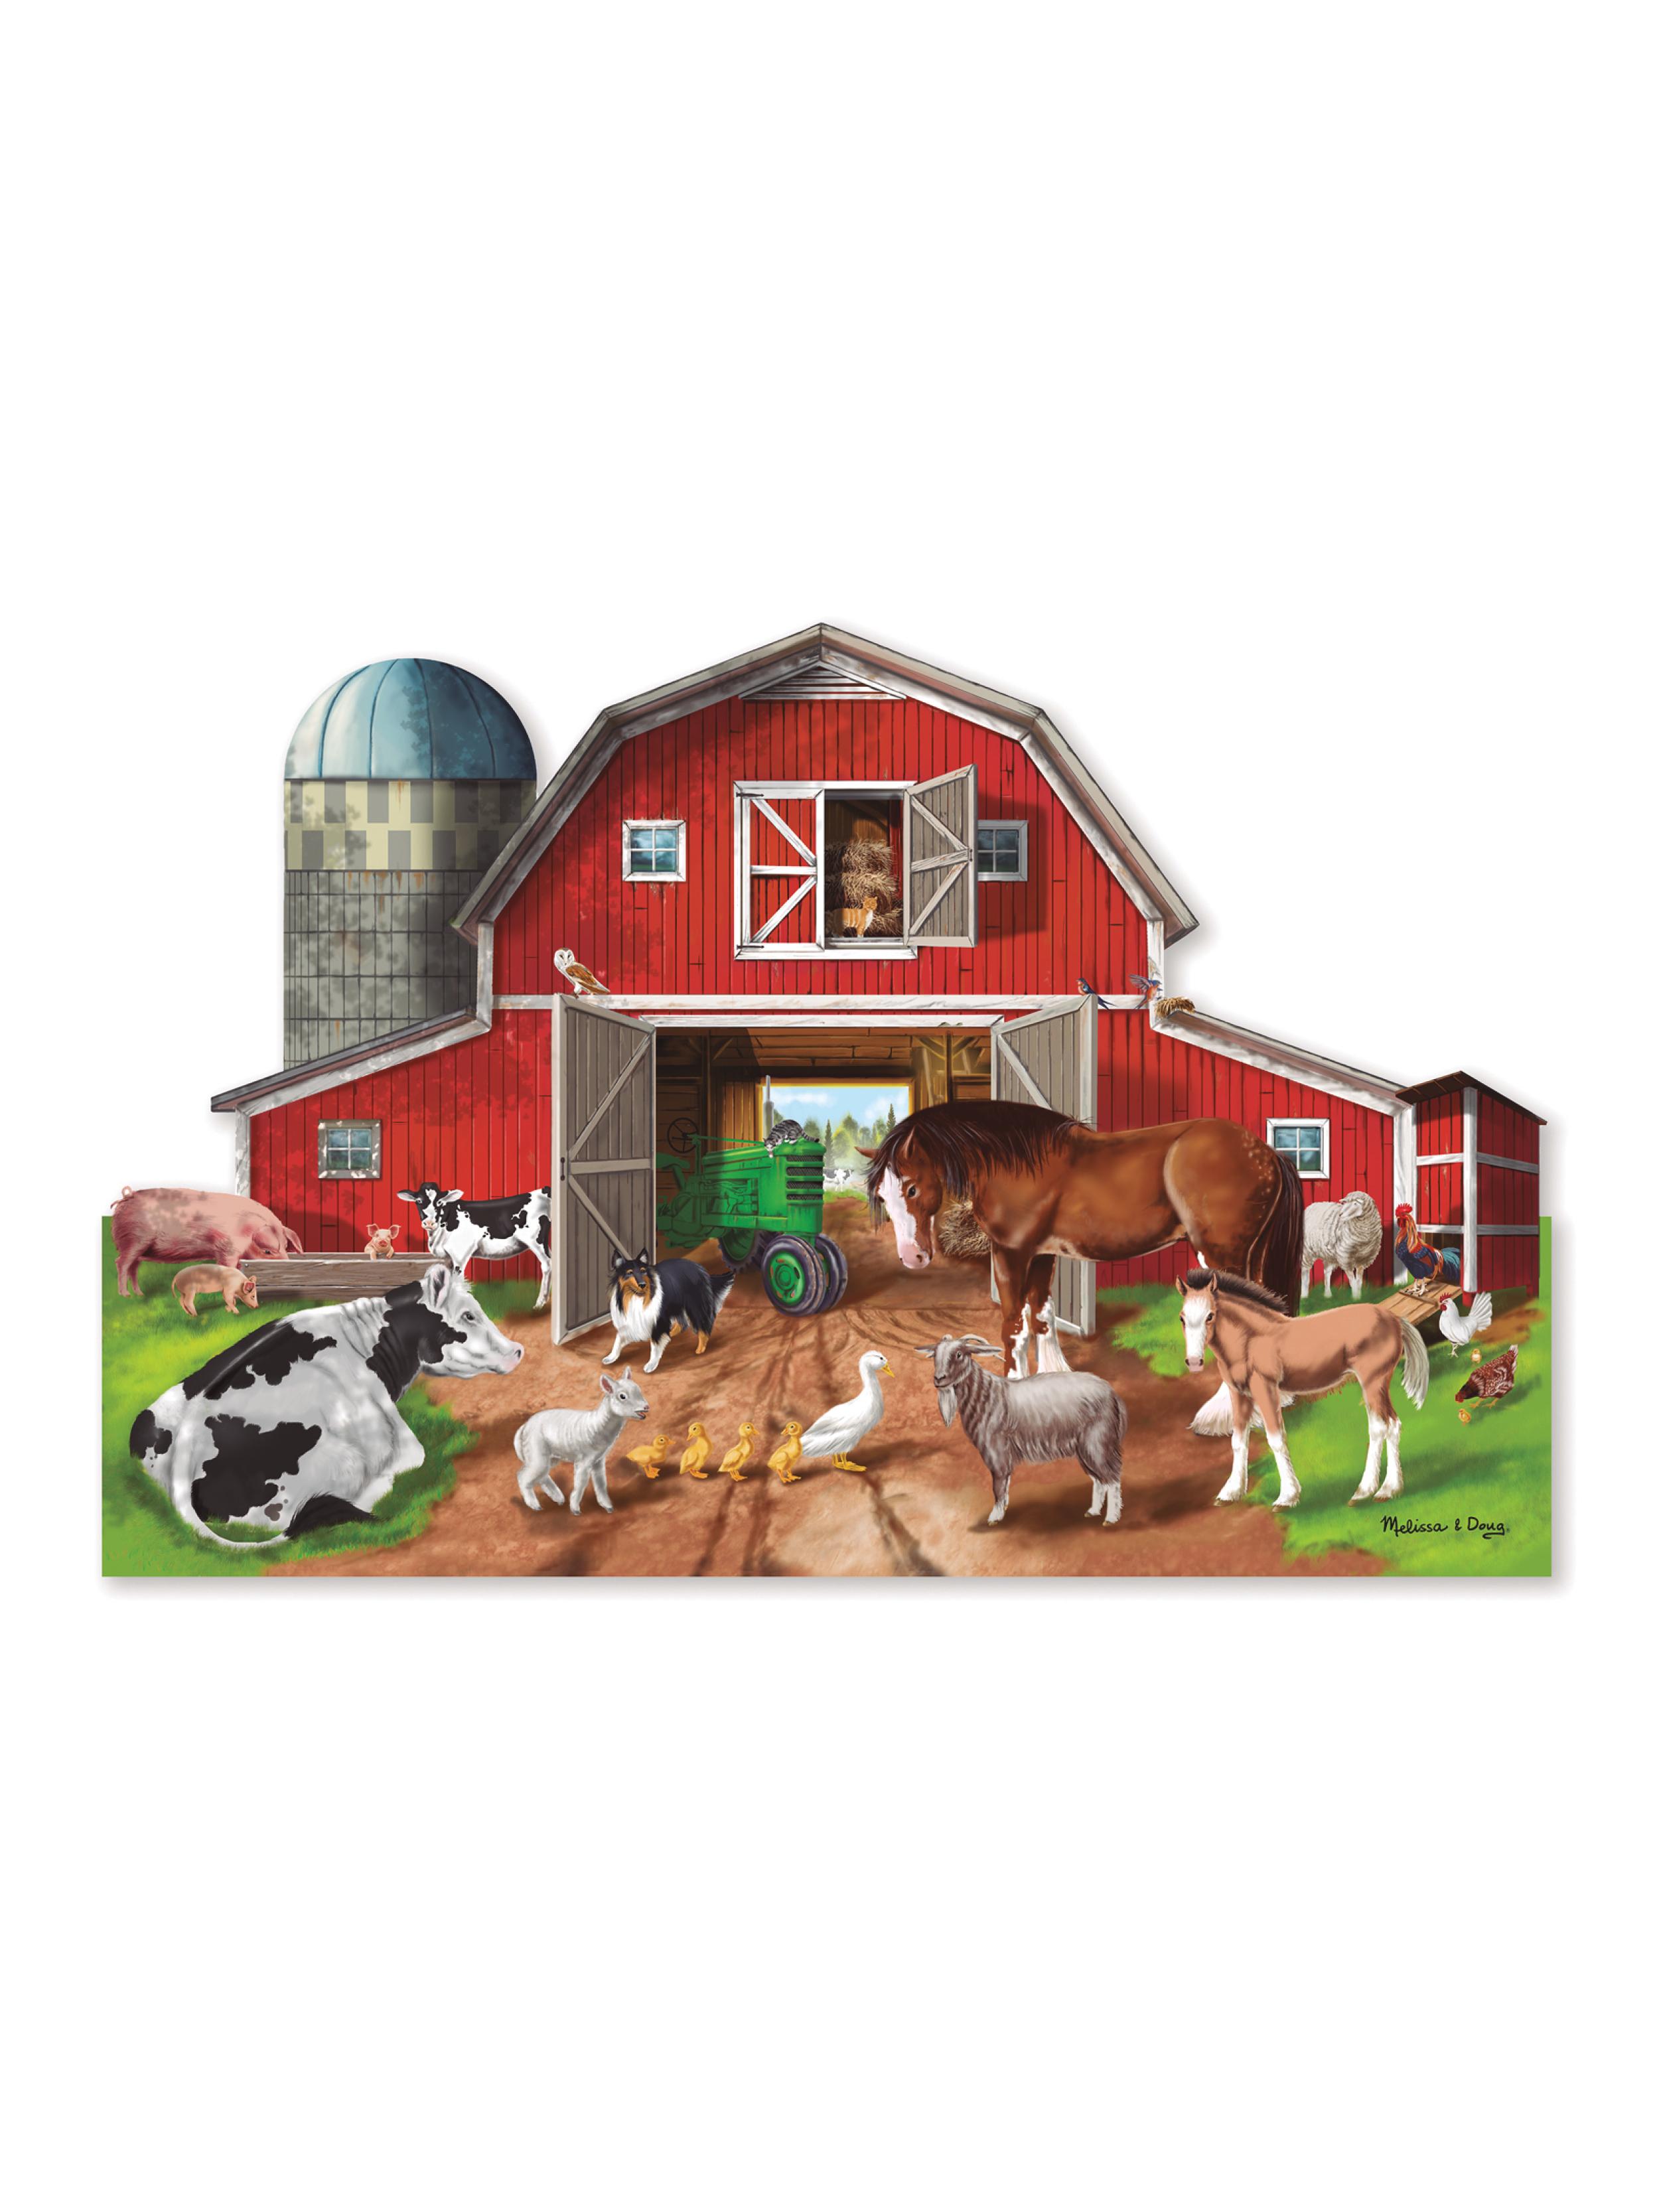 Puzzle de suelo granja